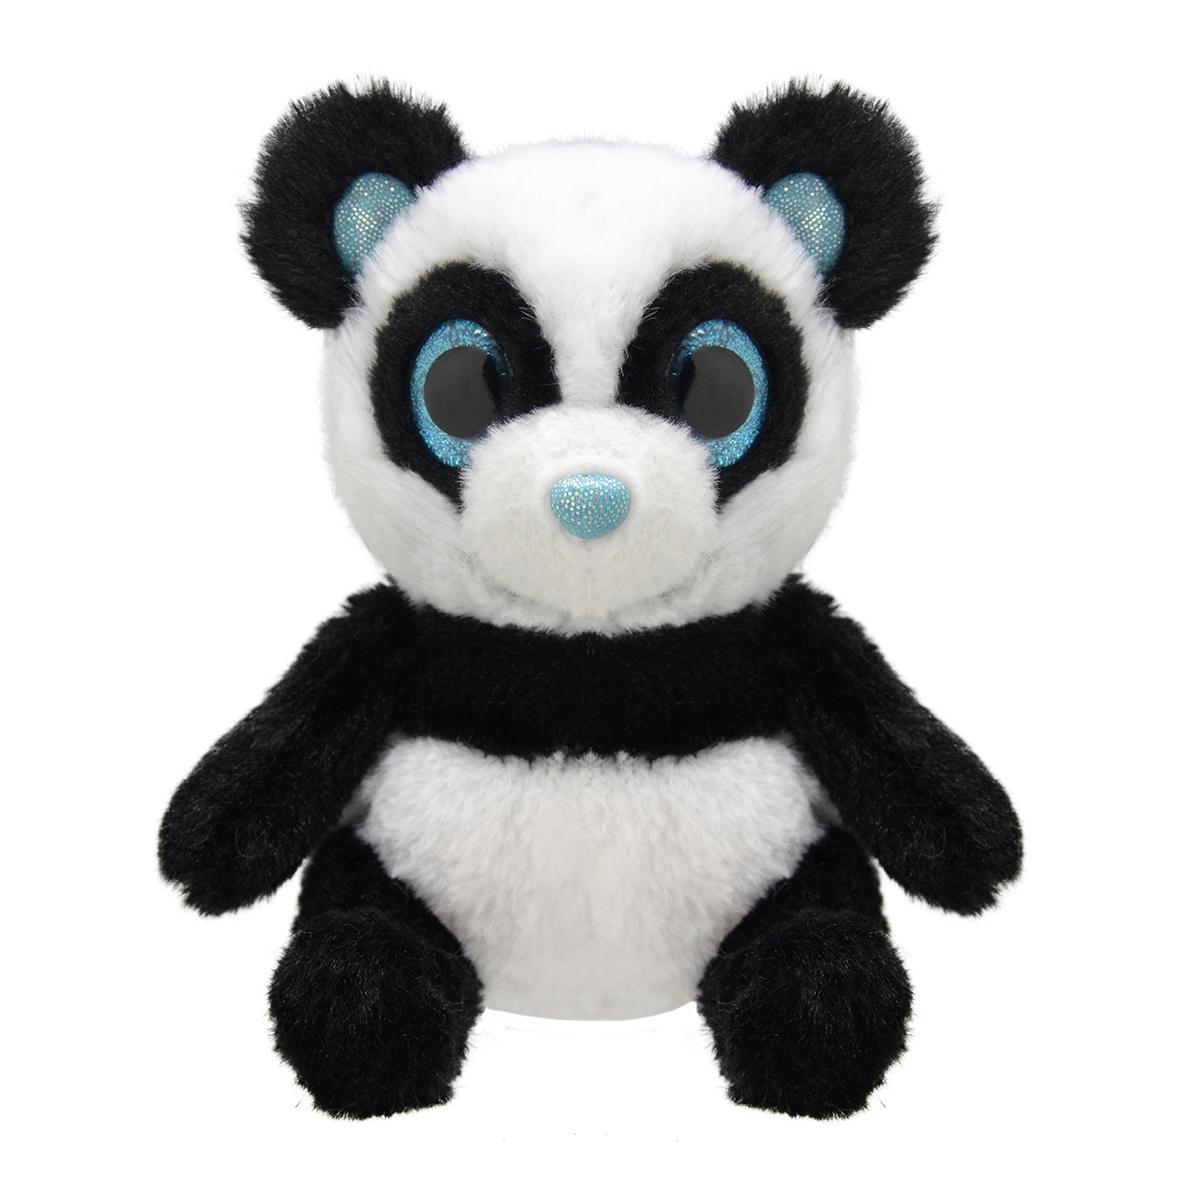 Мягкая игрушка - Панда, 15 см фото